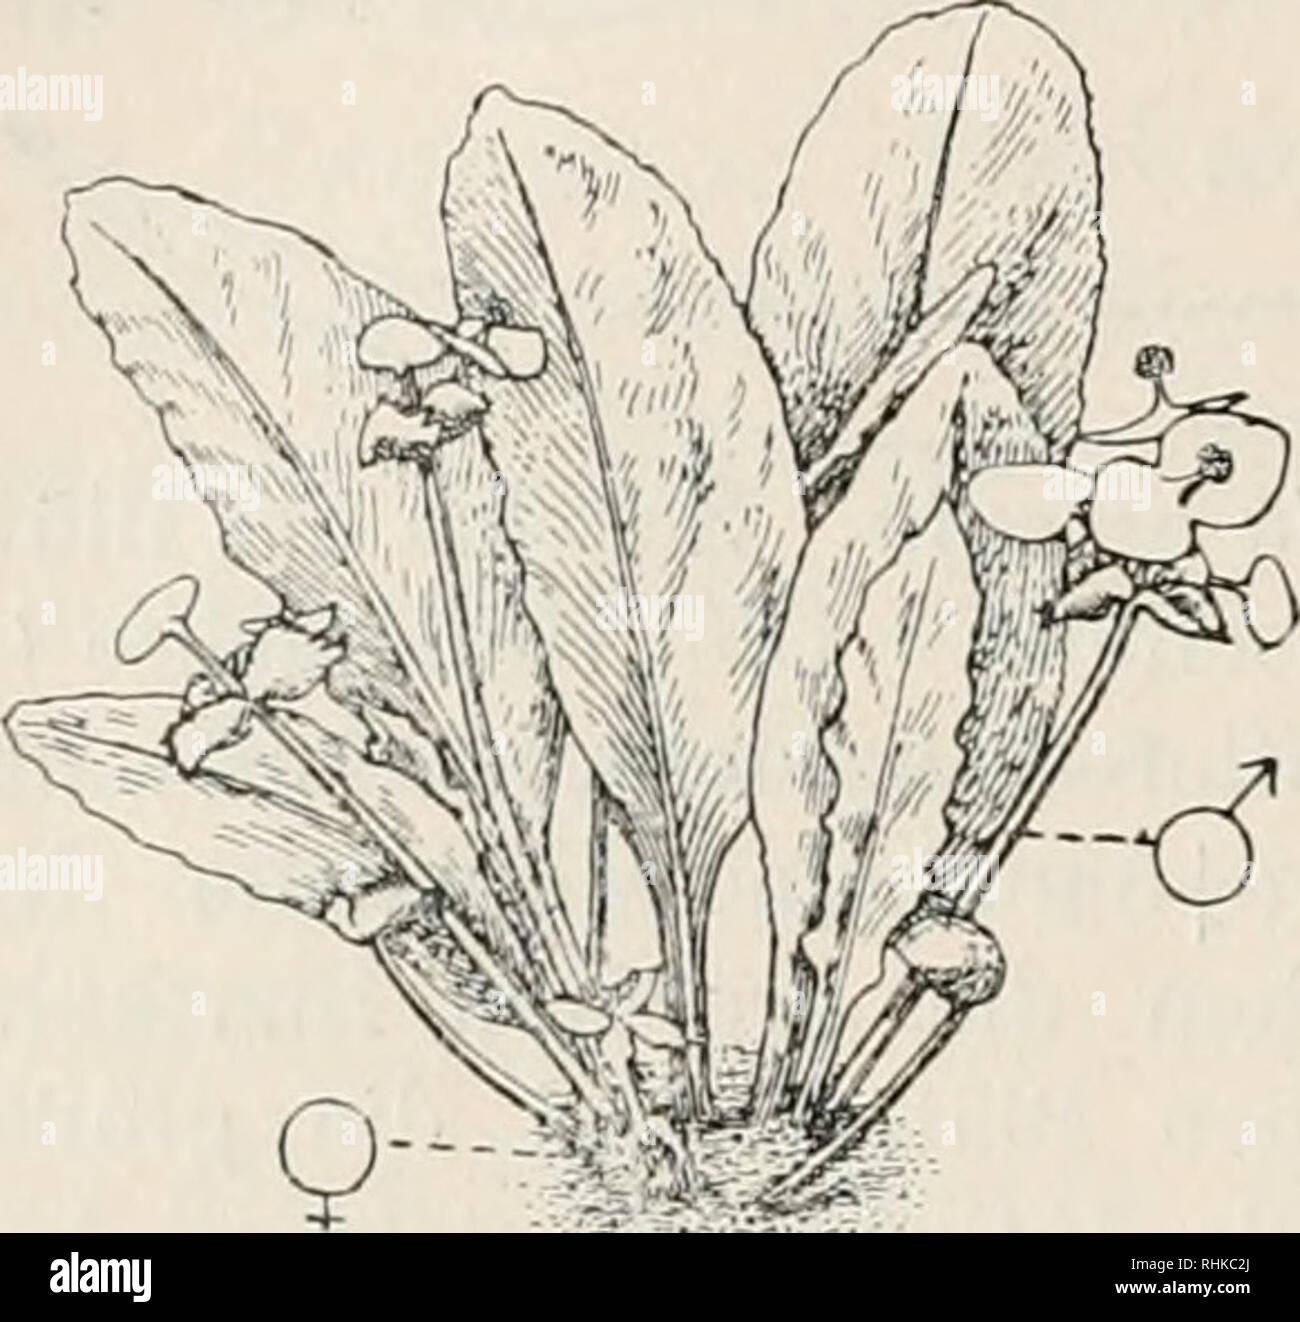 """. Biologisches Zentralblatt. Biology. 712 Goebe], Über sexuellen Dimorphismus bei Pflanzen. kein Anthocyan, welches dem weiblichen ßlütenstiel eine rote Fär- bung verleiht, Dass diese Differenz """"zweckmäßig"""" ist, ist klar, hat doch der weibliche Blütenstiel der heranreifenden Frucht die nötigen Baumaterialen zuzuführen, während die männliche Blüte nur den Blütenstaub hervorbringt und dann abgeworfen wird. Offenbar sind auch hier, wie bei den oben erwähnten Fällen, für die Ausbildung der weiblichen Blüten größere Mengen von Baumaterialien not- wendig als für die männlichen, was sich dann au Stock Photo"""